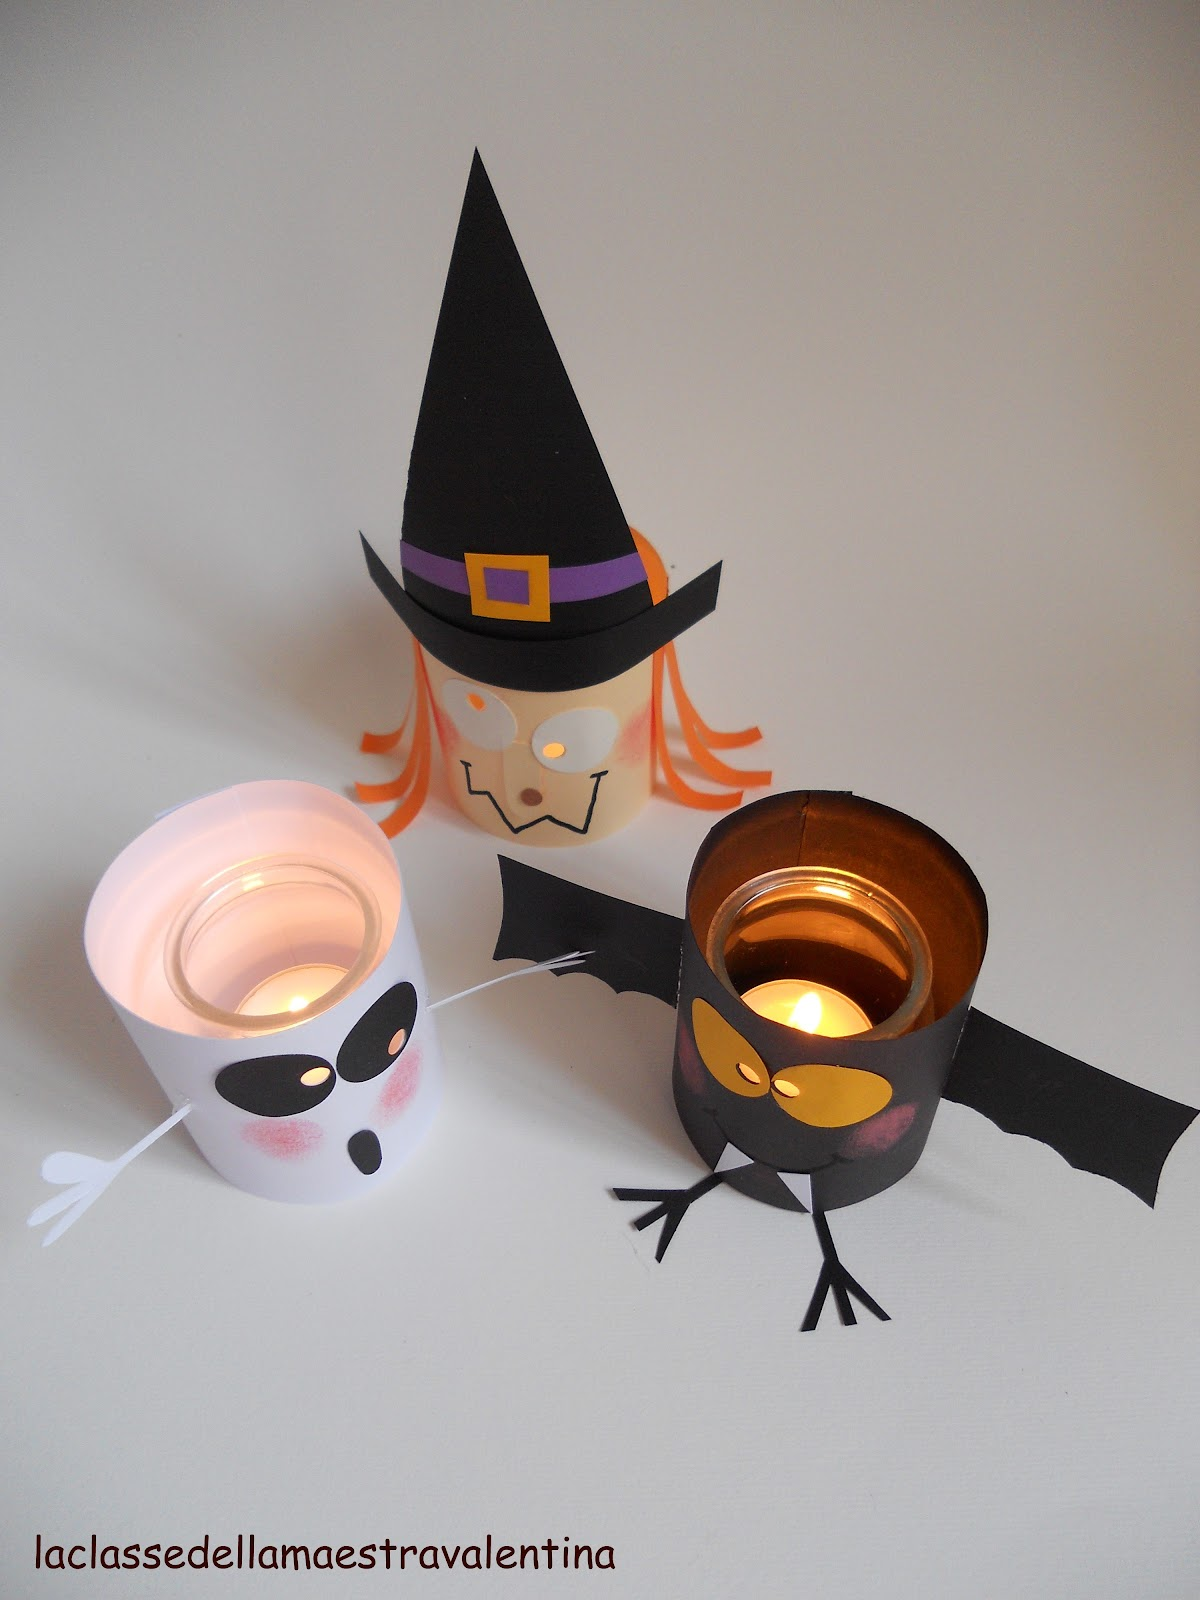 La classe della maestra valentina lanternine per la notte for La maestra valentina